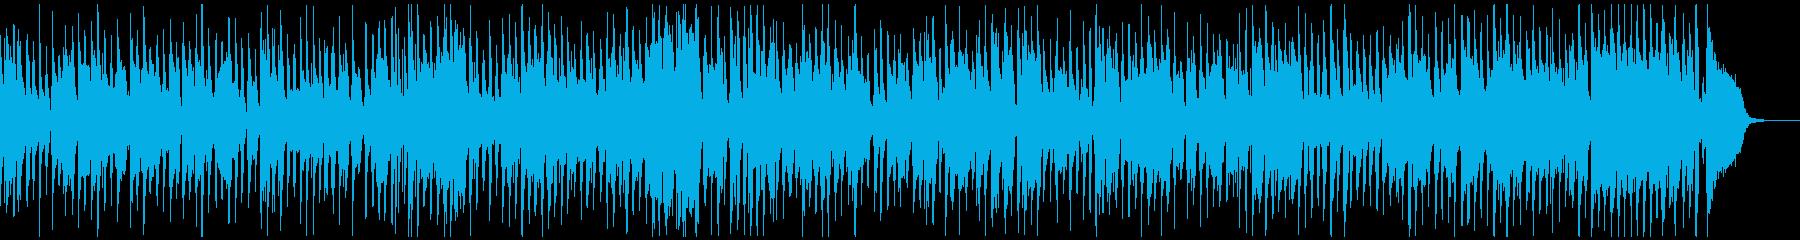 クリスマスムードのリラックスジャズの再生済みの波形